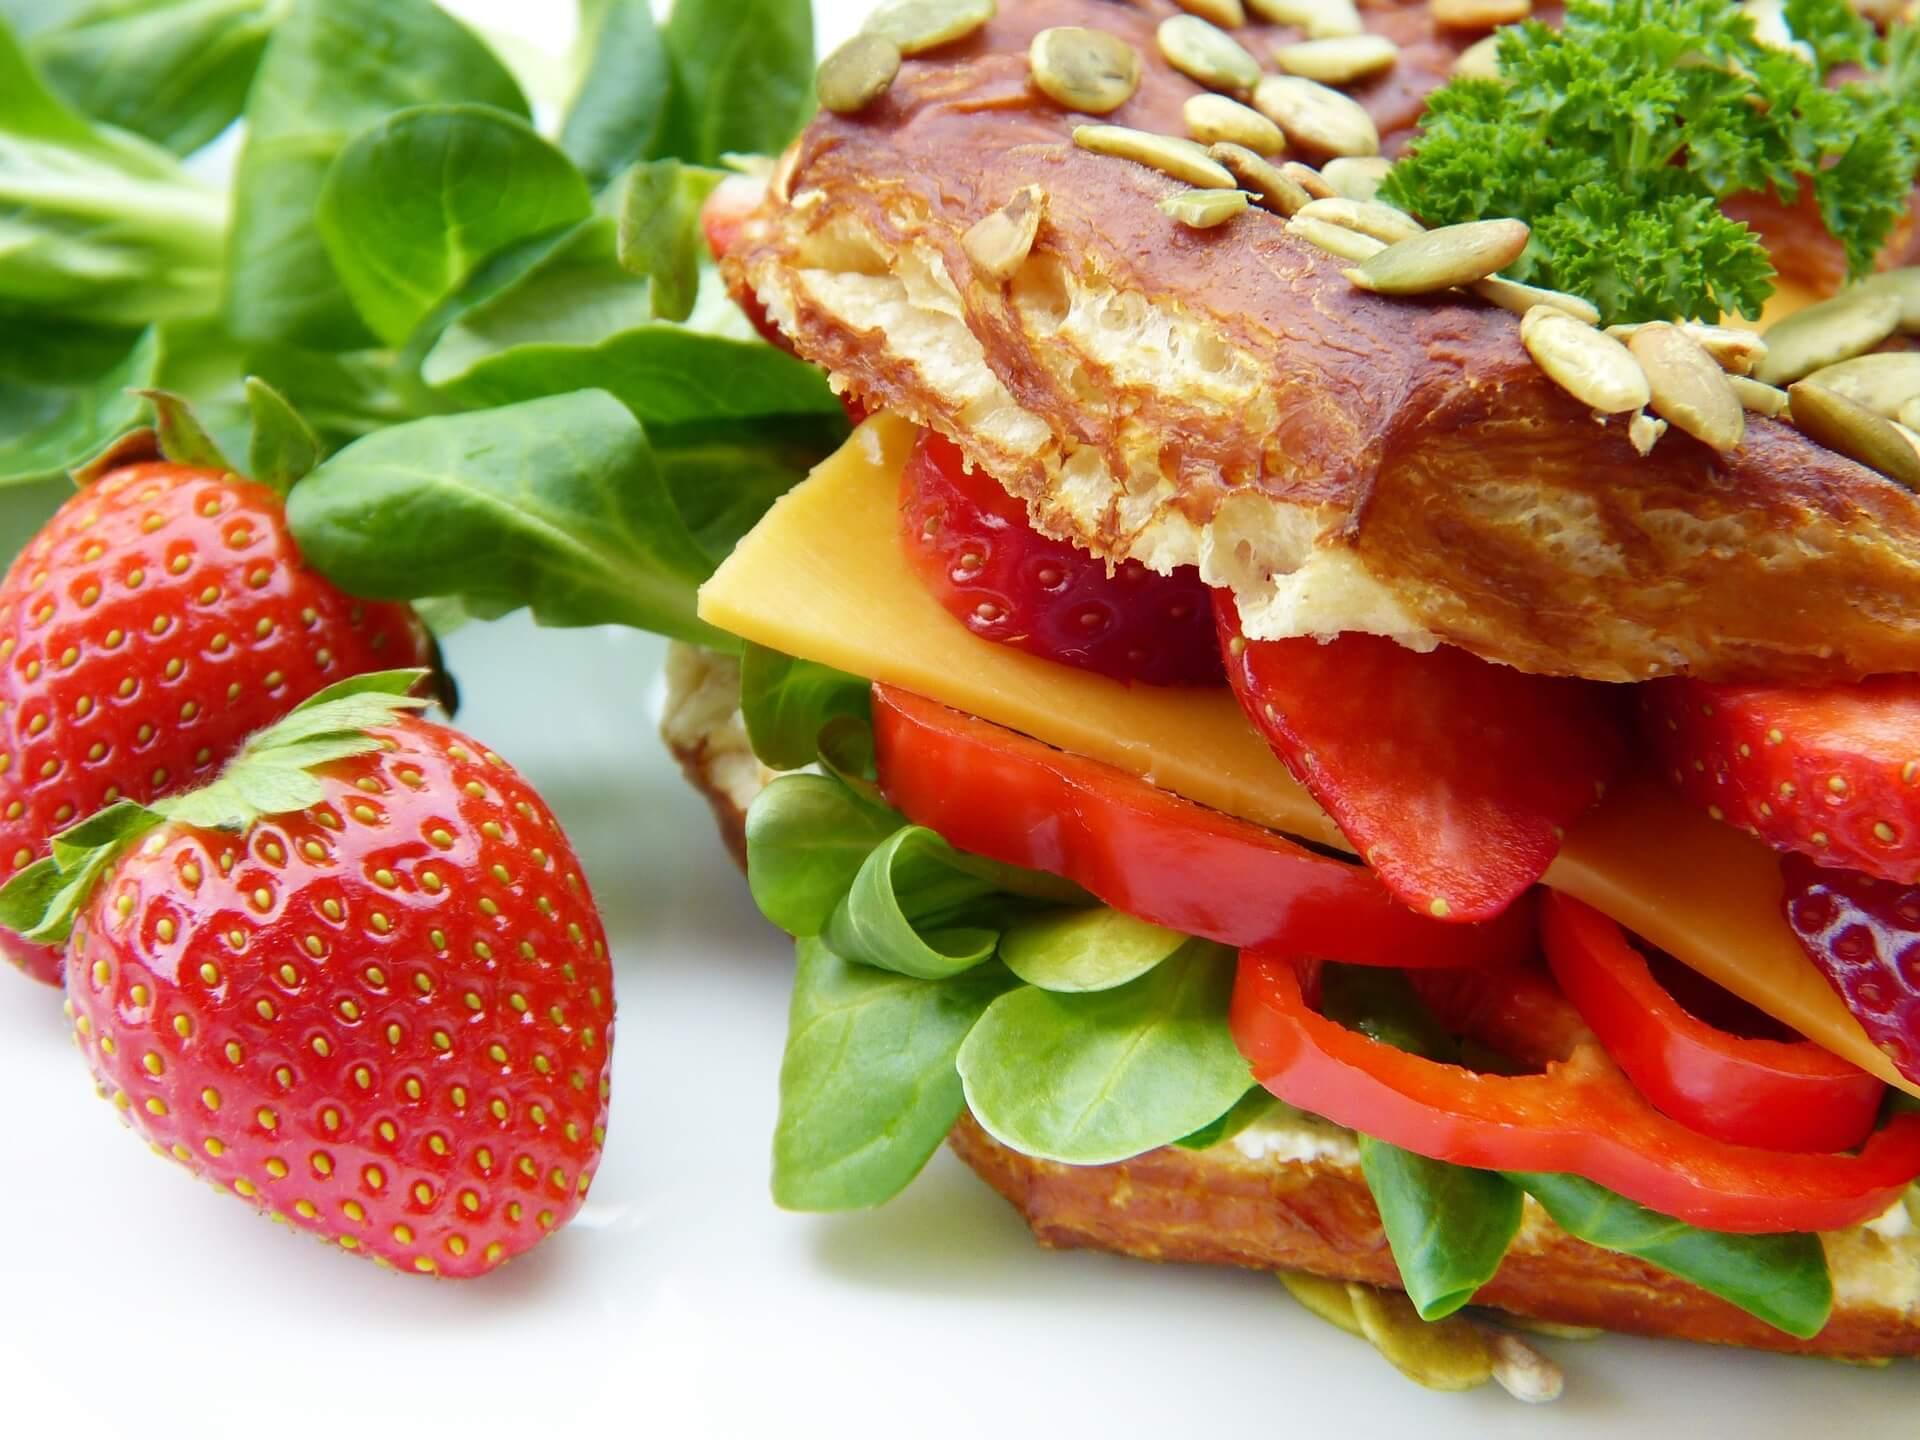 Co jeść, żeby schudnąć? 8 produktów, z których lepiej zrezygnować - Styl życia